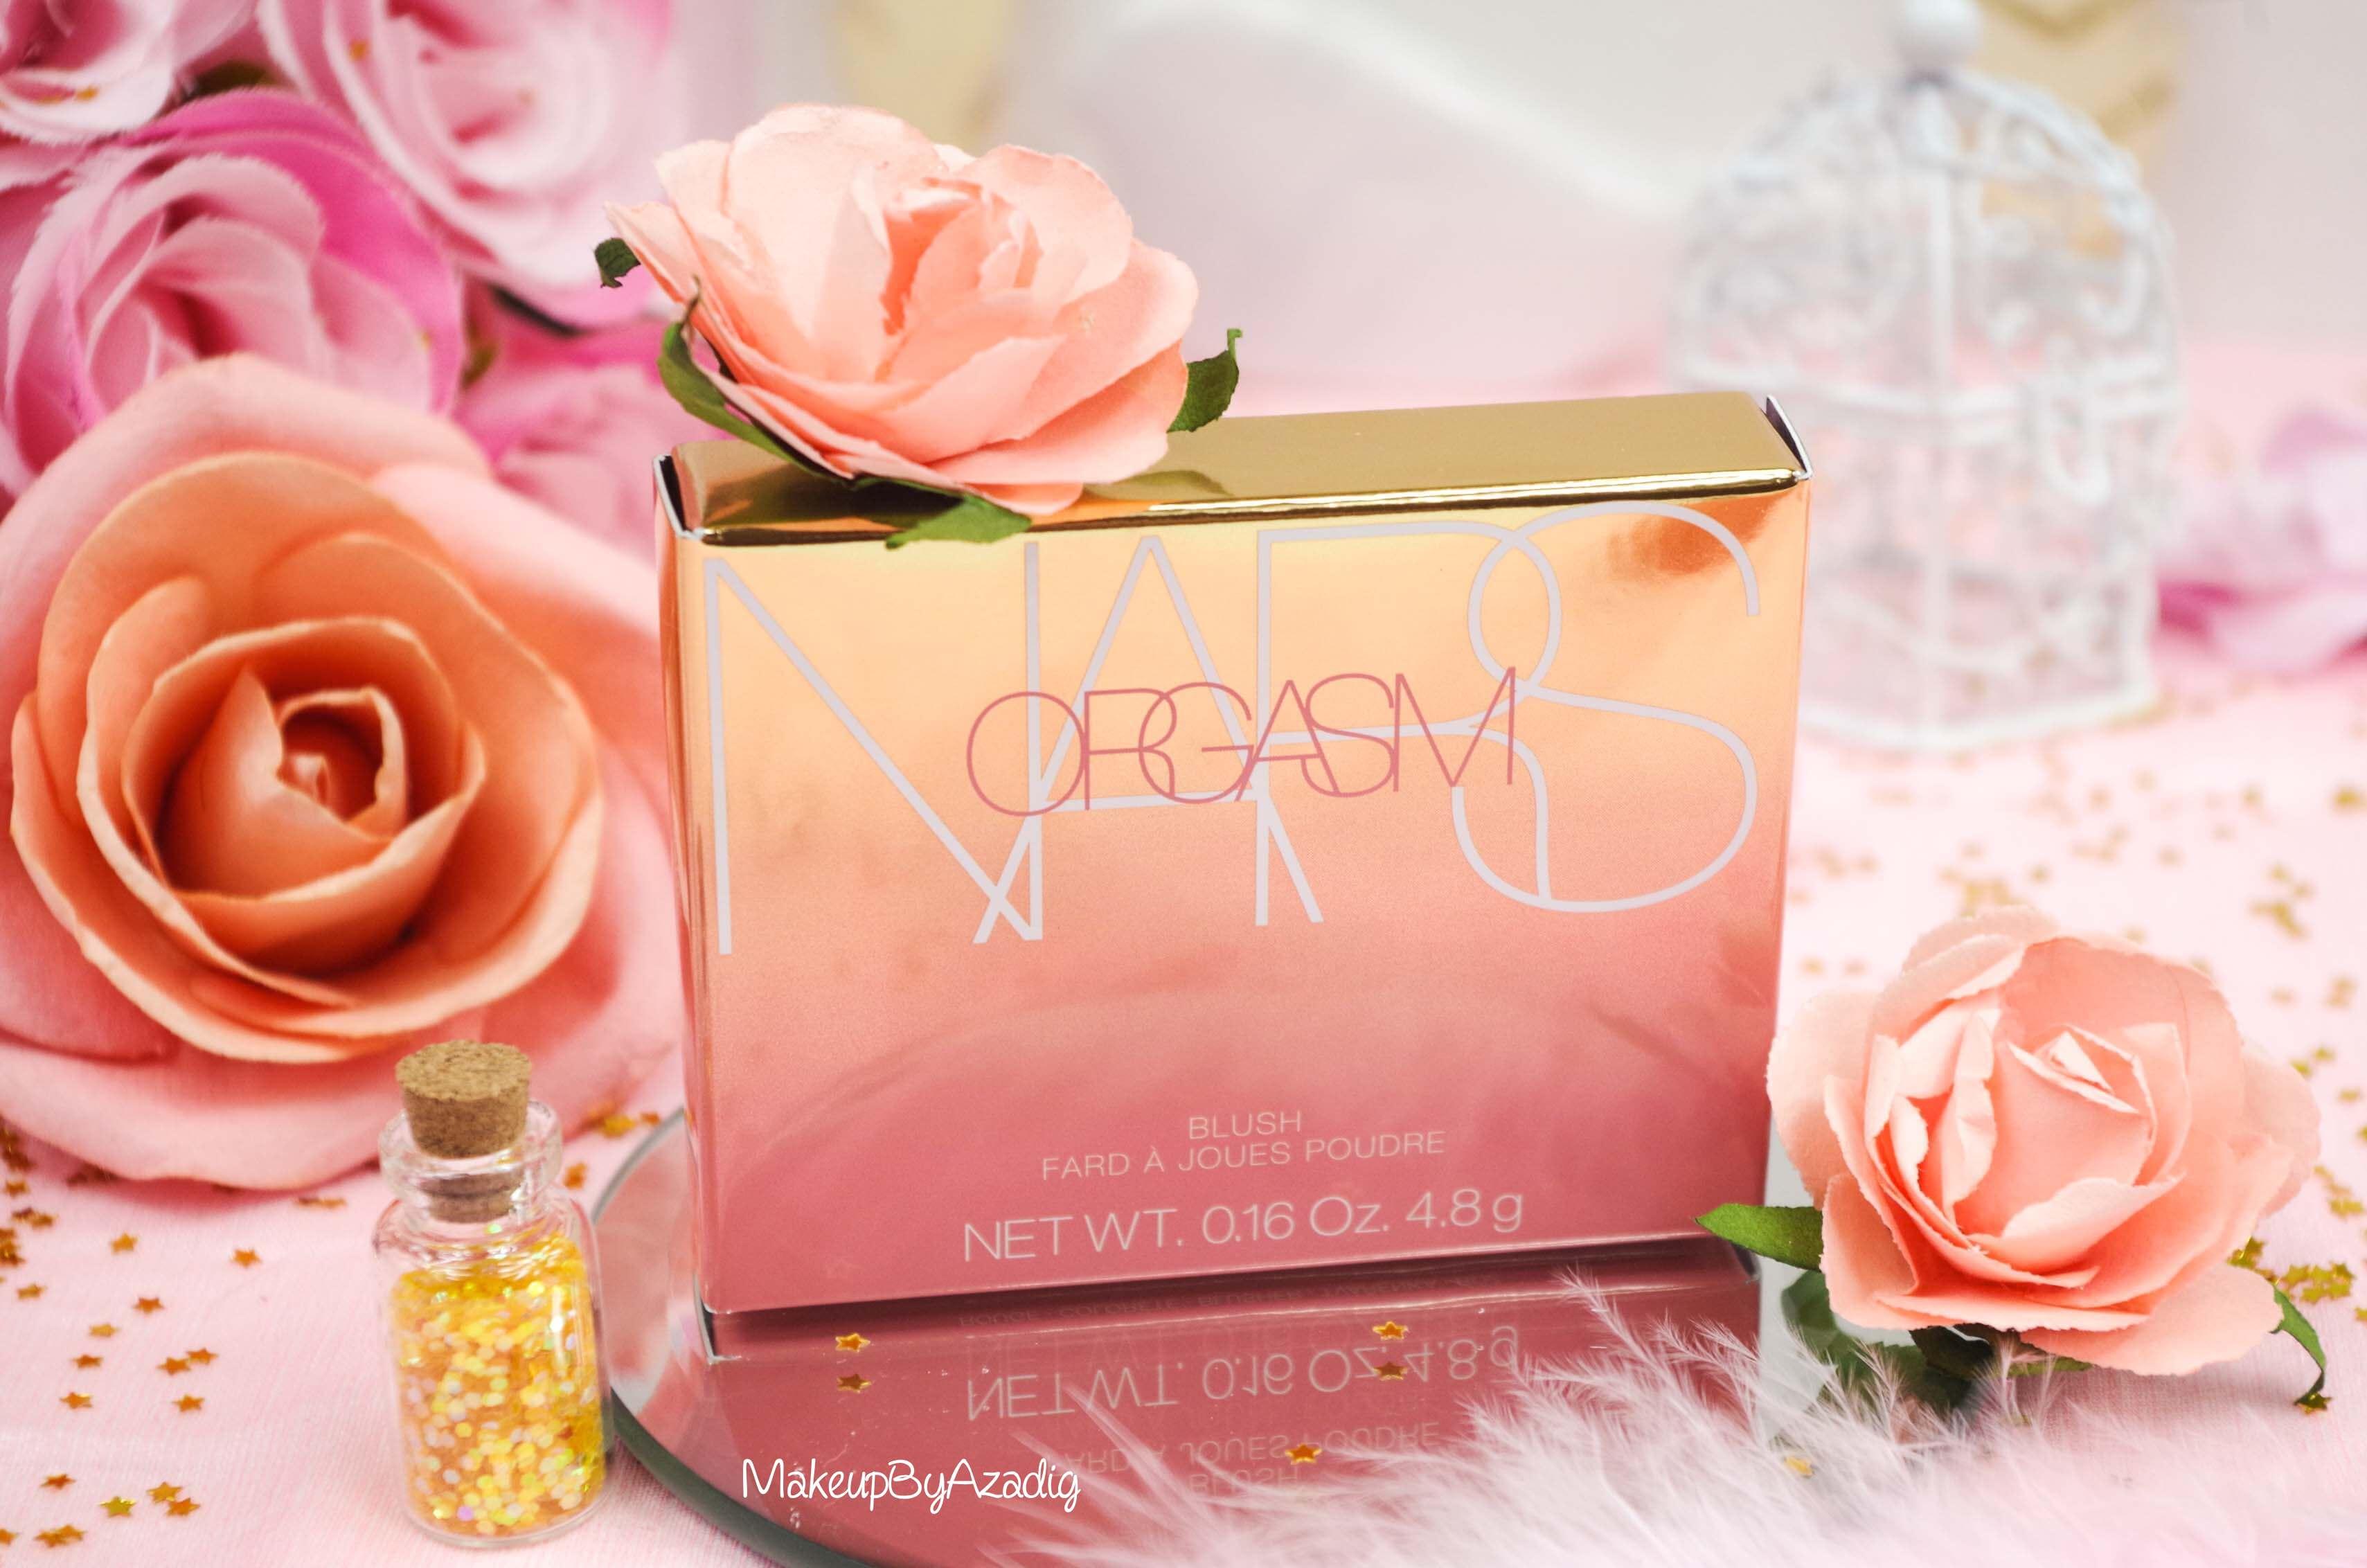 blush-liquide-orgasm-rouge-a-levres-illuminateur-highlighter-rosegold-nars-summer-makeupbyazadig